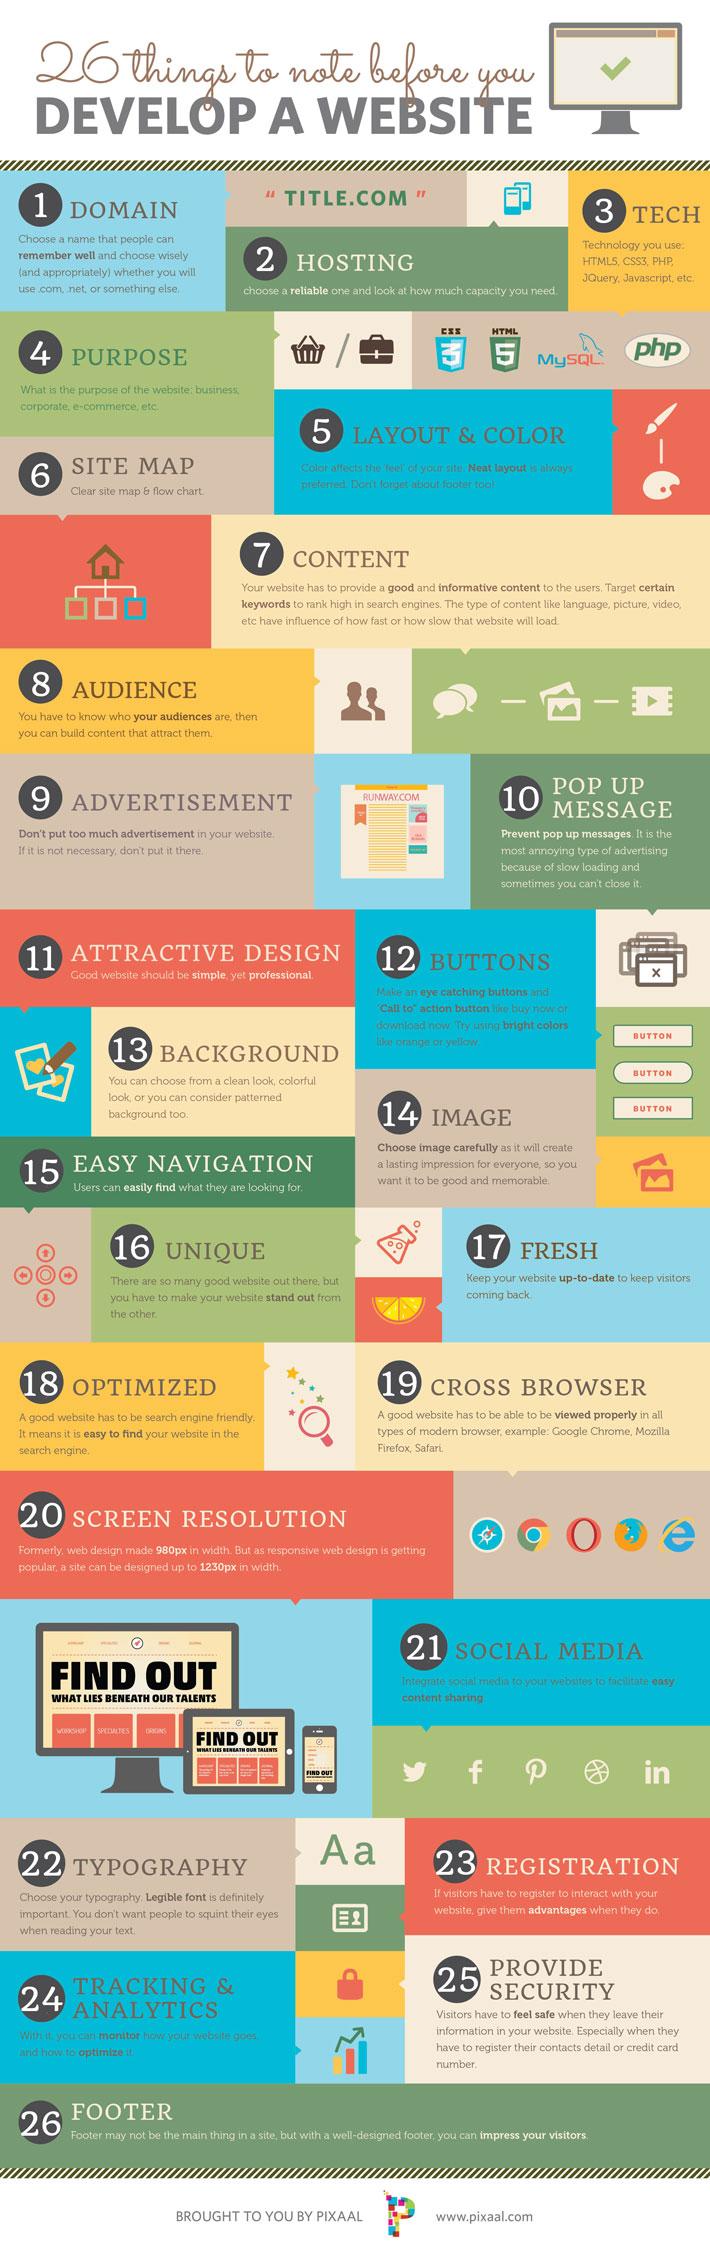 puntos importantes para diseñar una página web